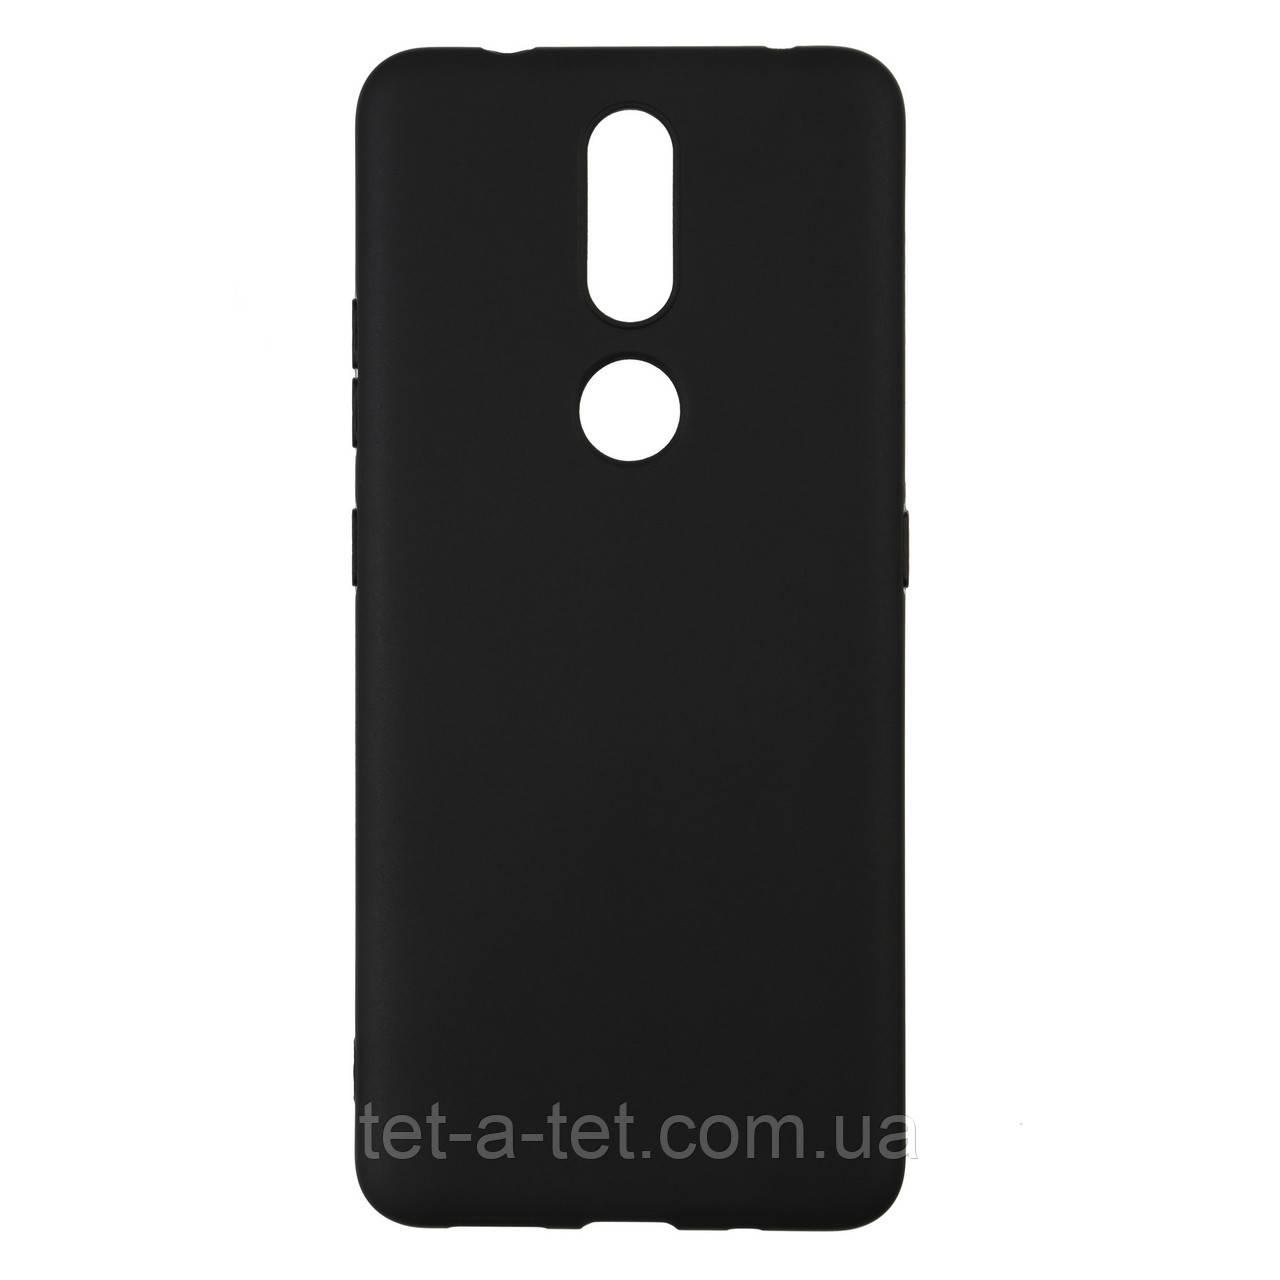 Силиконовый чехол Matte Slim Fit для Nokia 2.4 - Черный (Black)